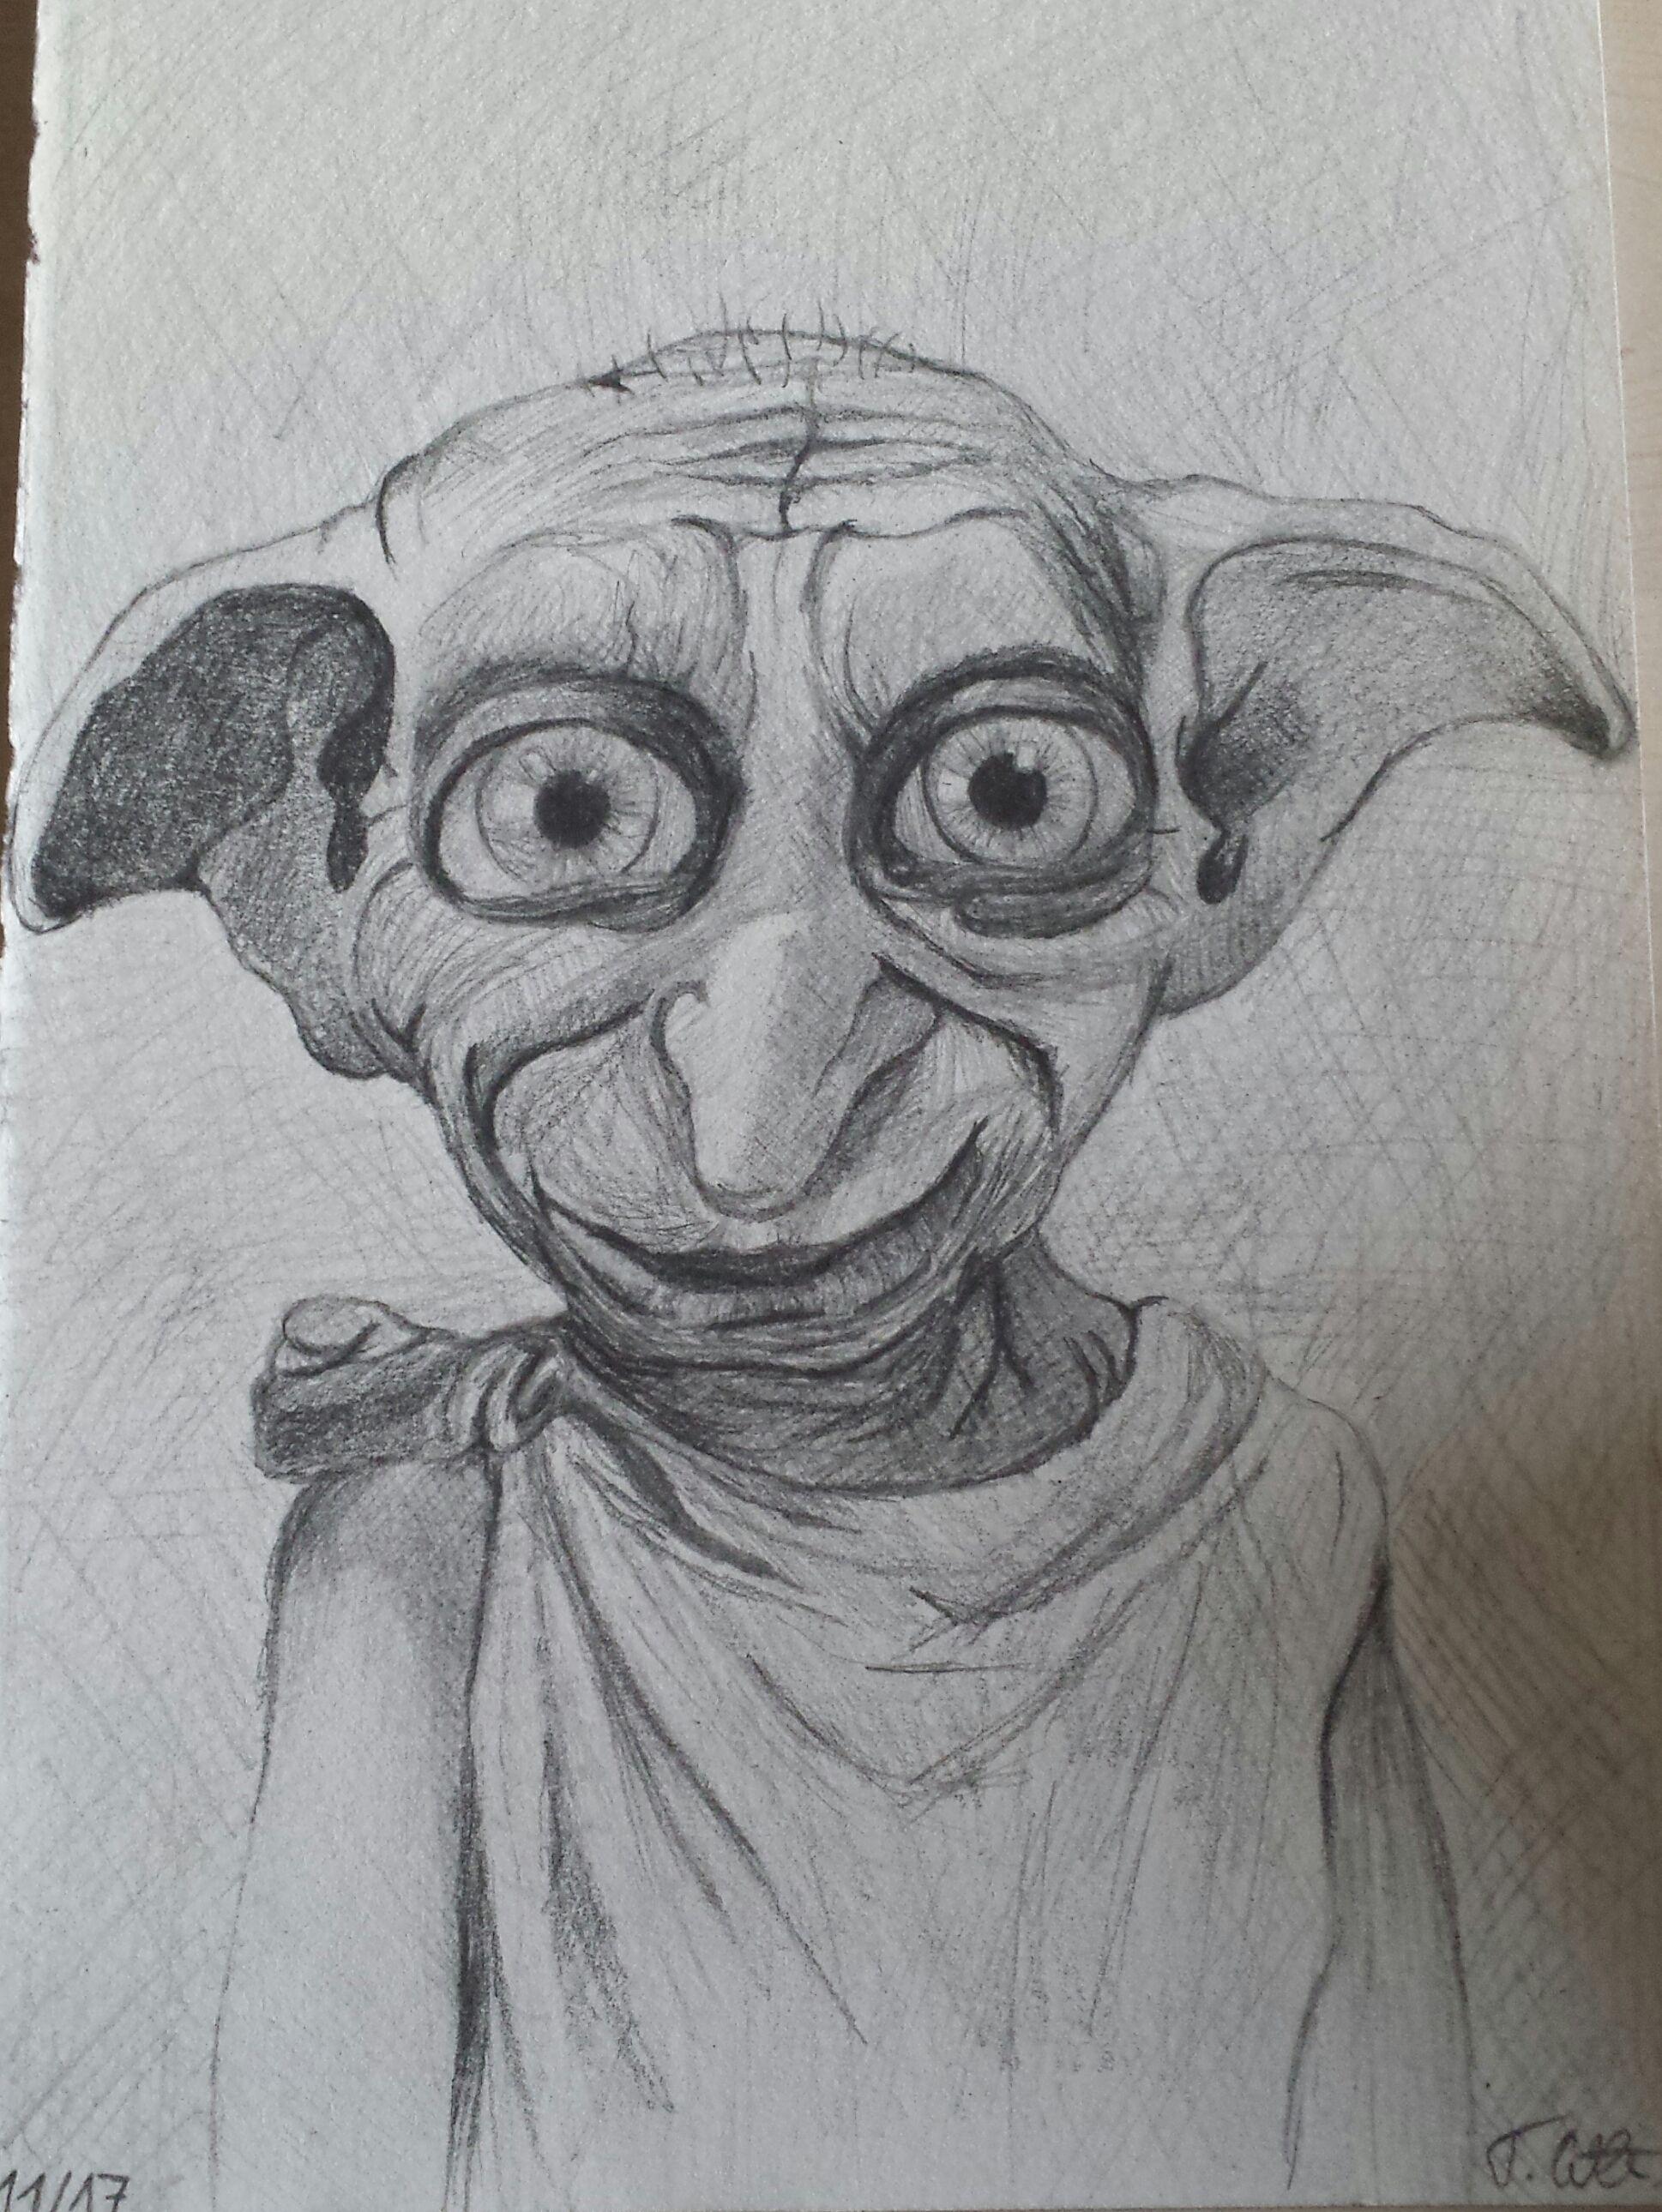 Dobby Ein Freier Elf Harry Potter Zeichnung Zeichnungen Rungholt Harry Potter